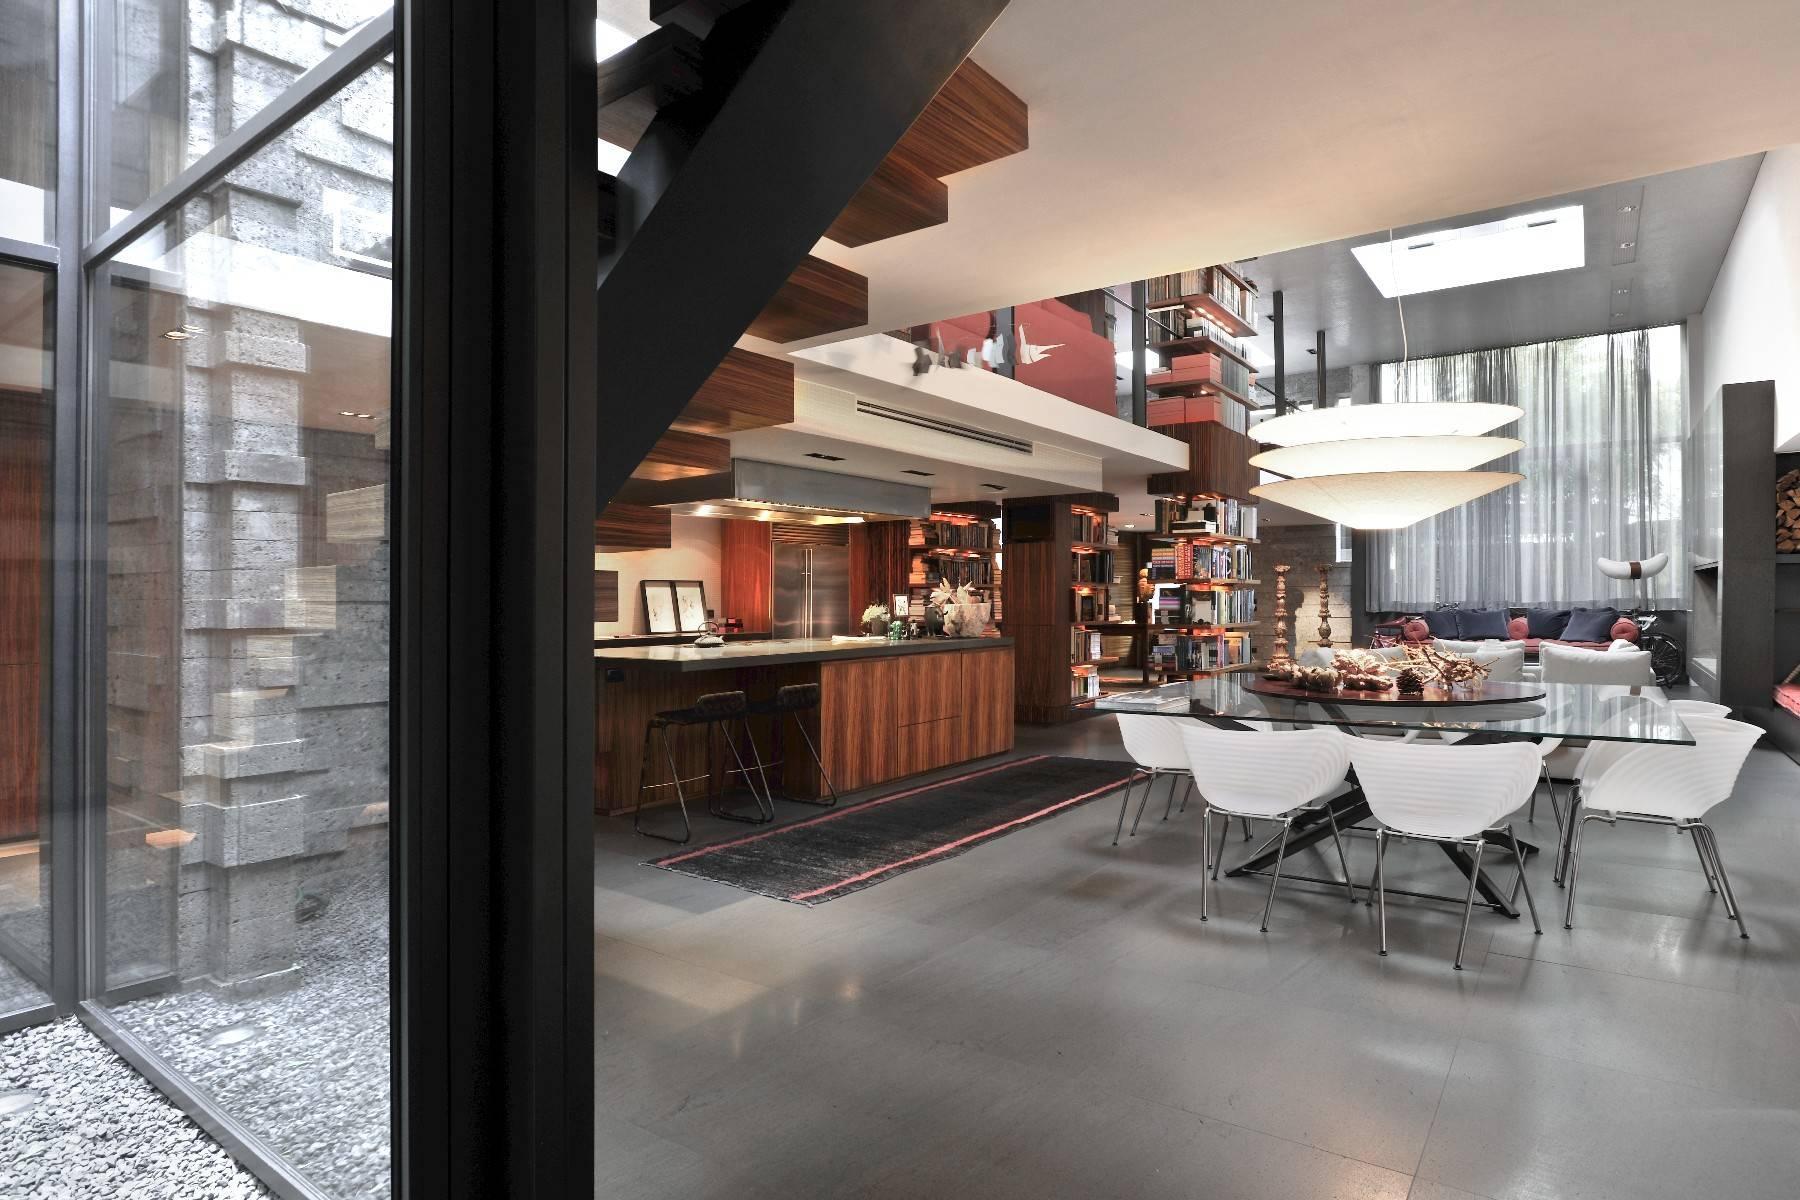 Spektakuläres Einfamilienhaus im zentralen Stadtviertel Mailands - 22